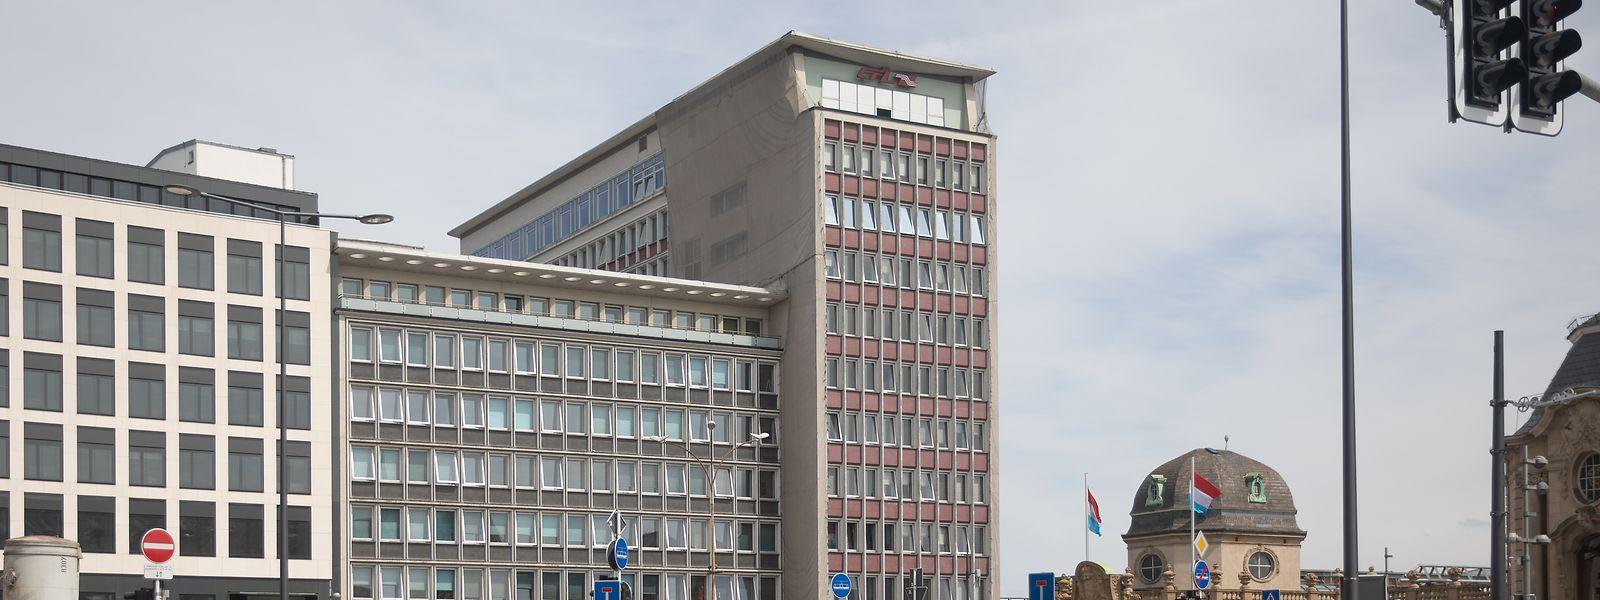 Der Gebäudekomplex auf der Place de Gare wurde 1960 eingeweiht.